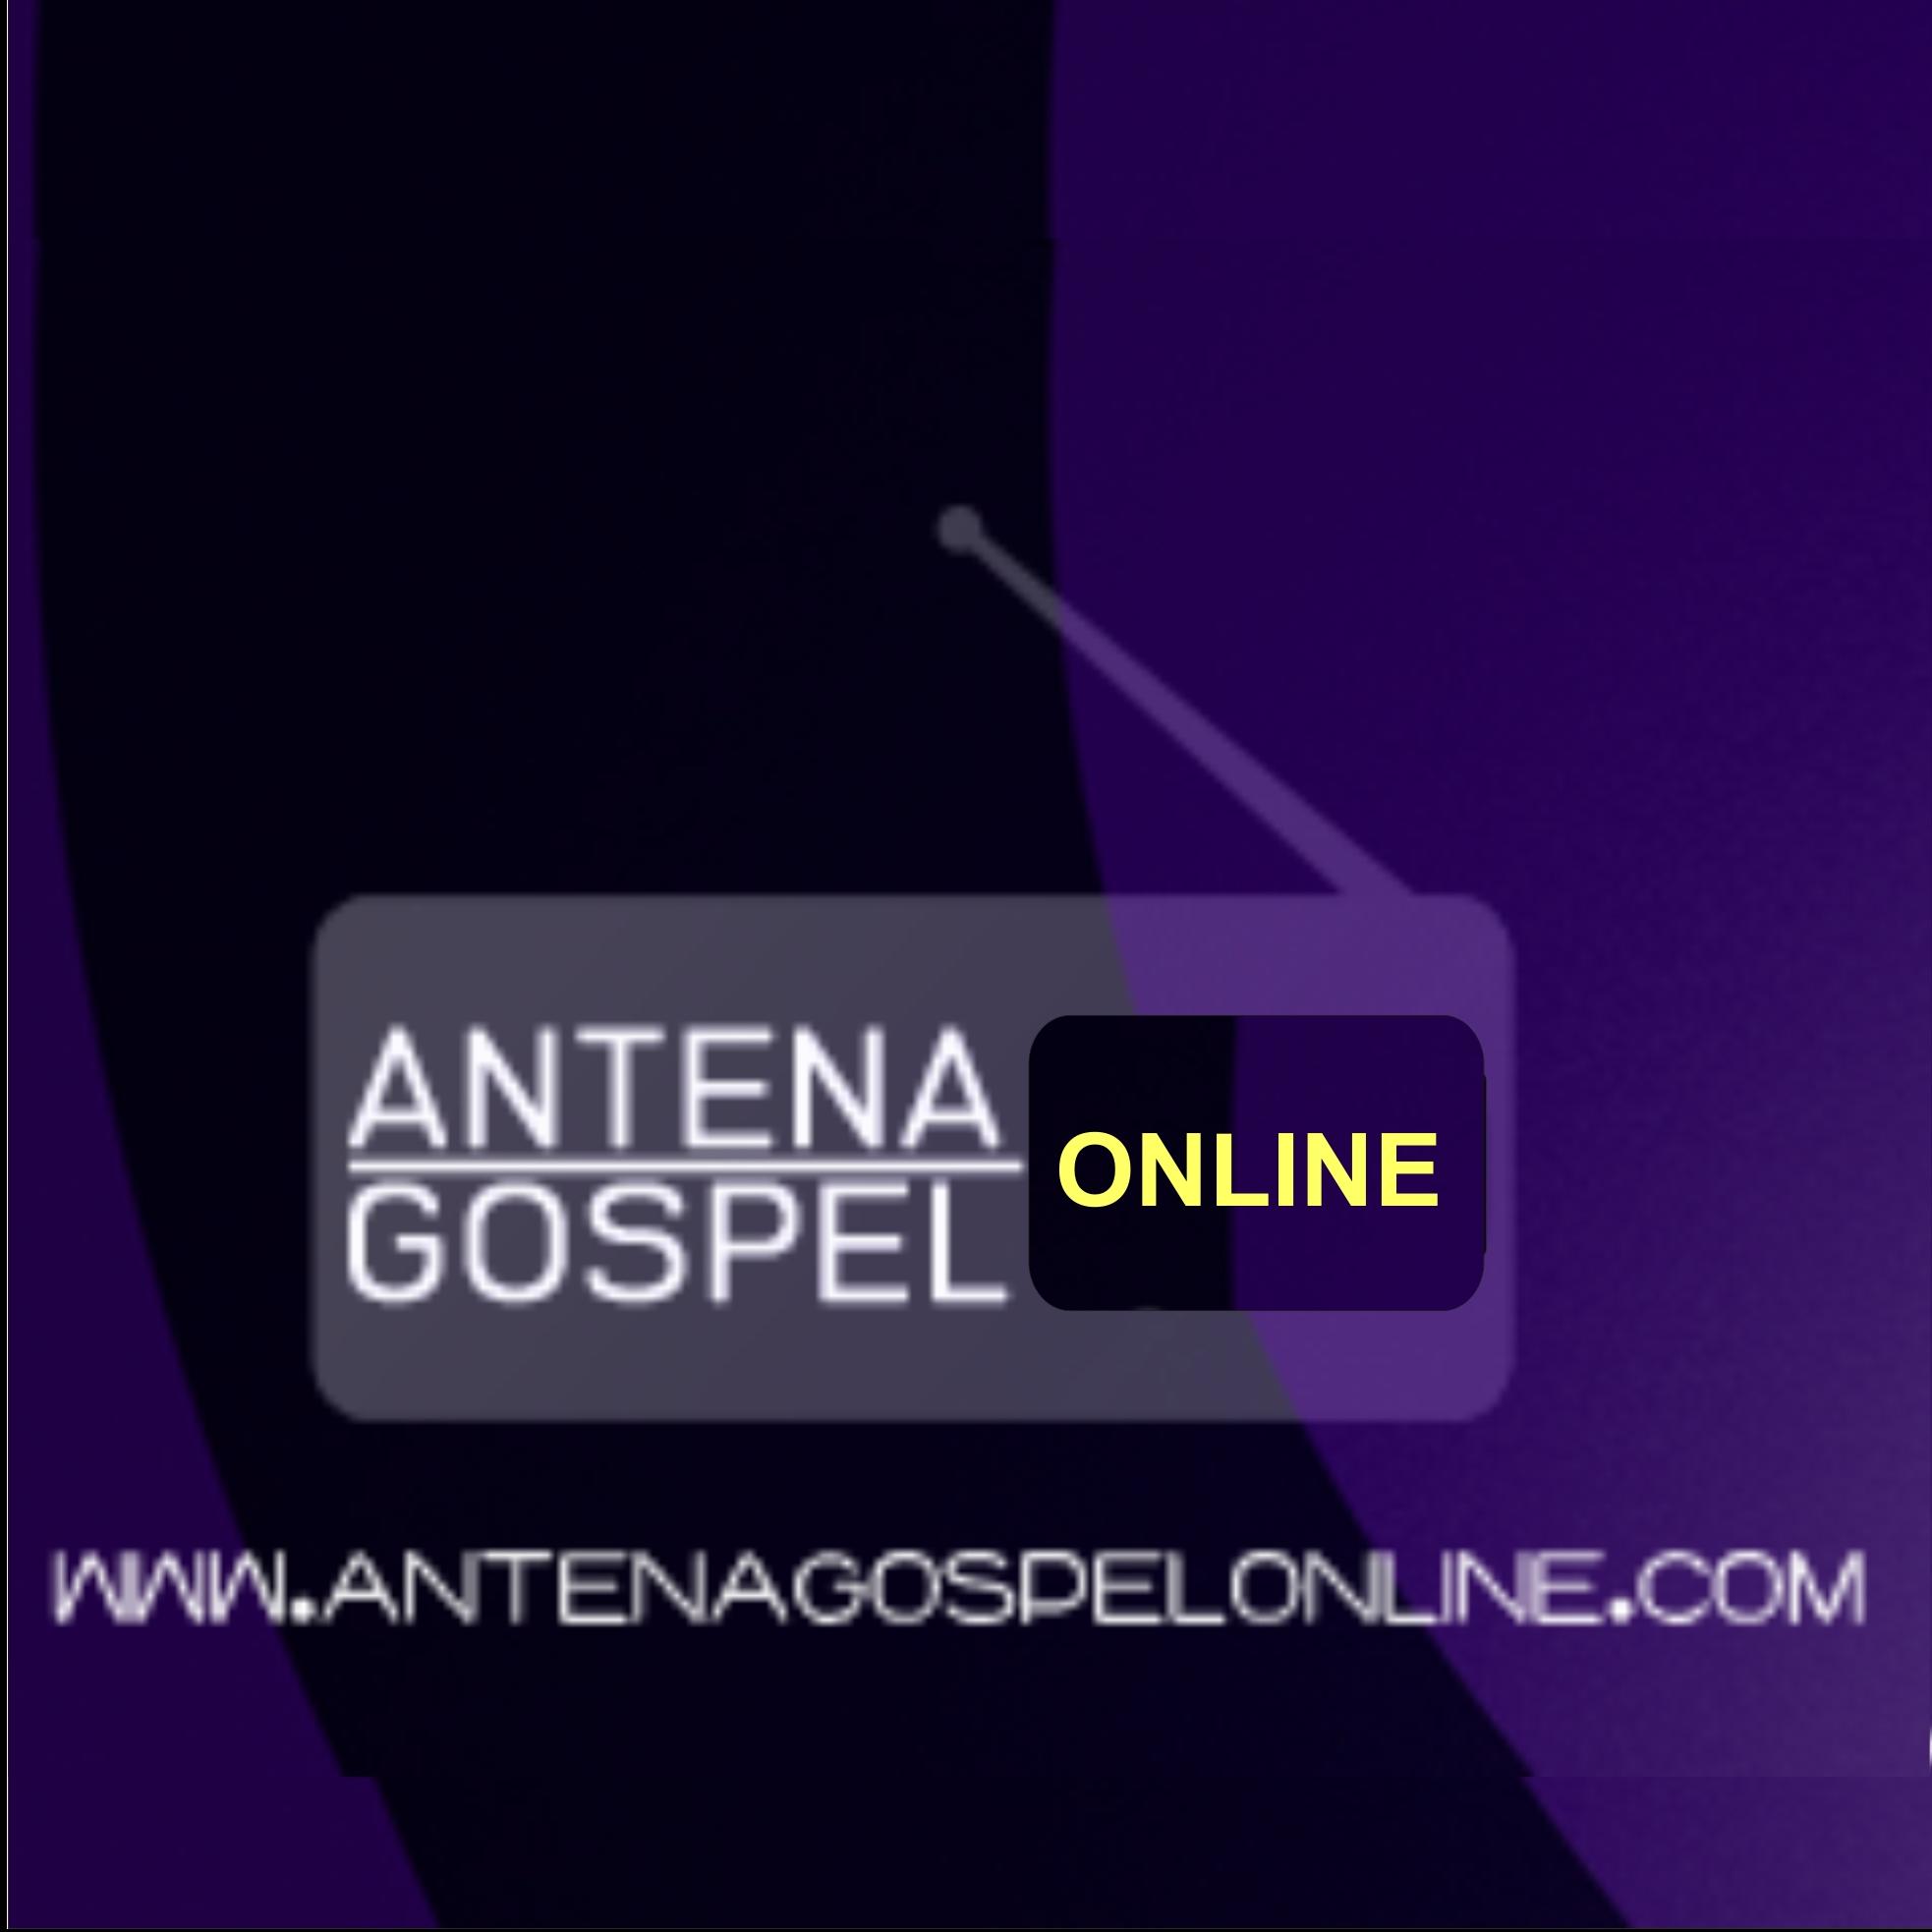 Antena Gospel Online